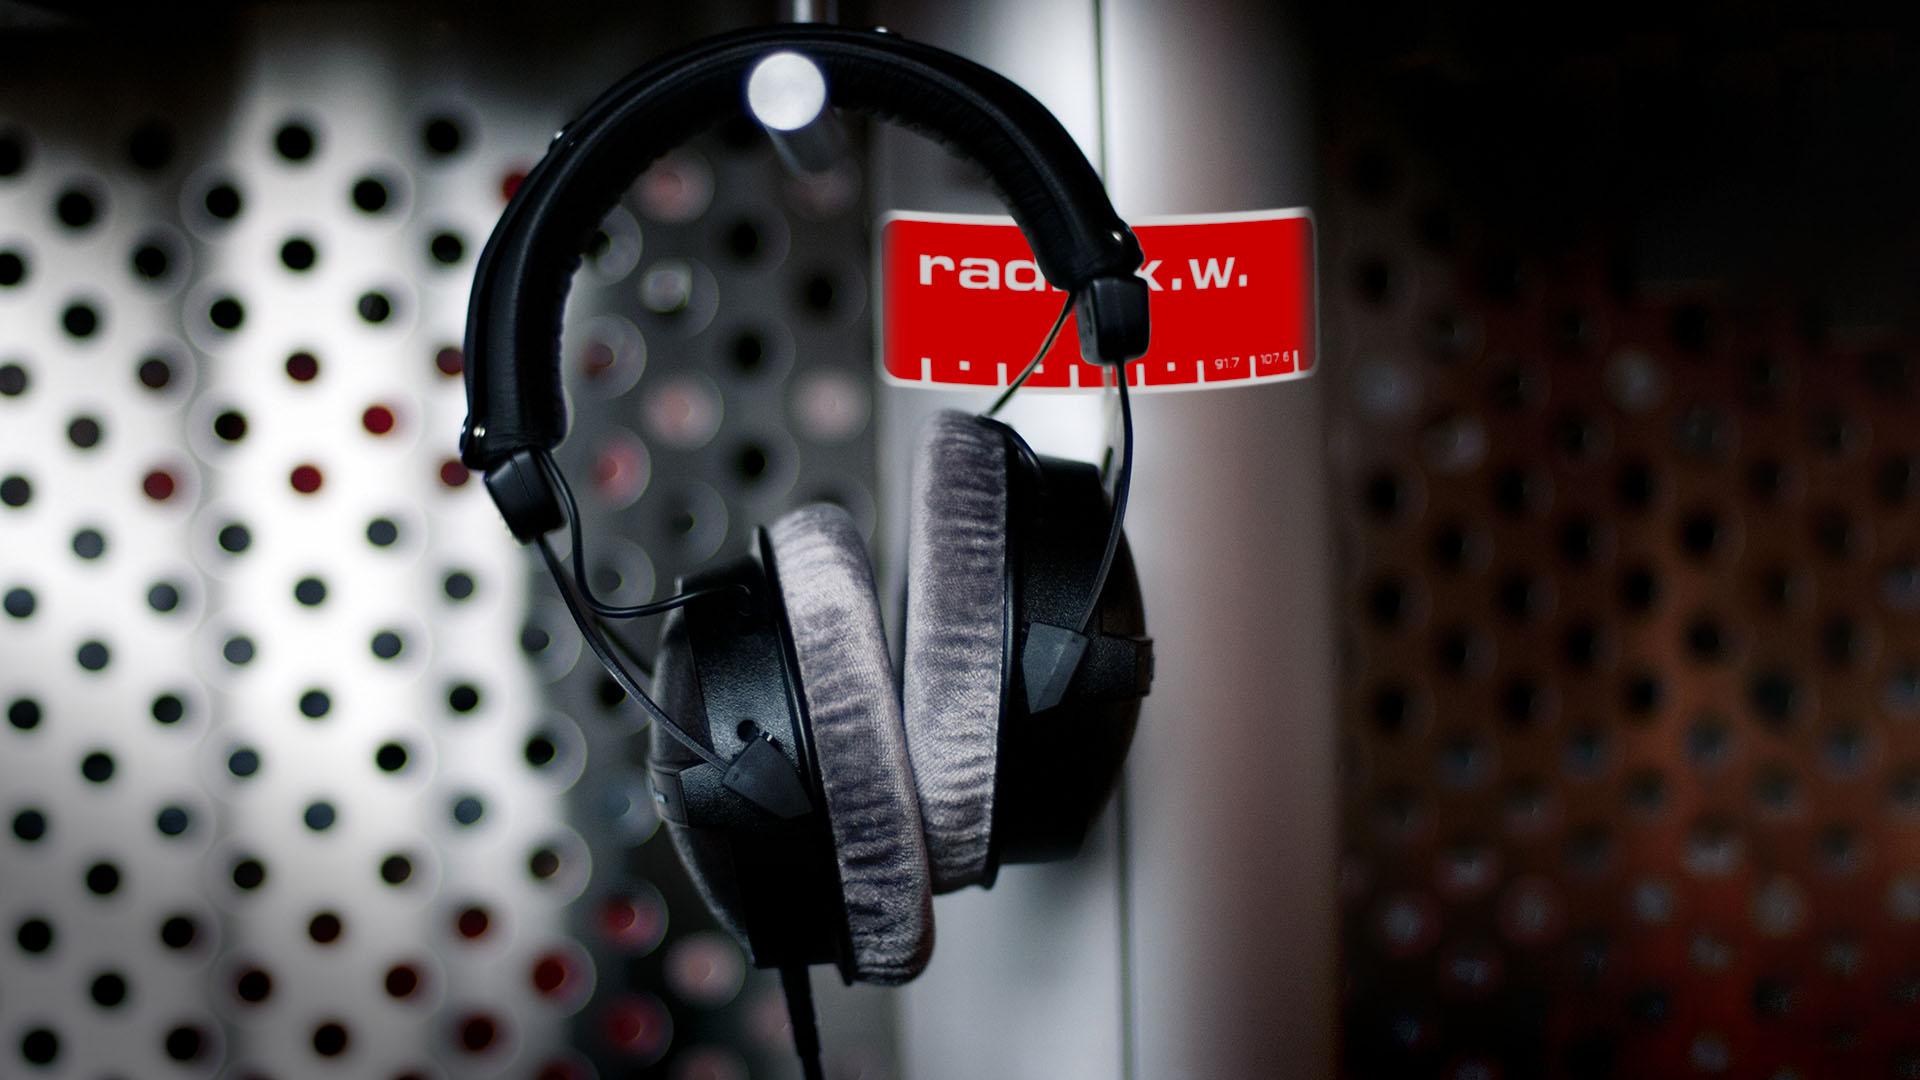 Das Studio in einer Nahaufnahme mit einem Kopfhörer von Radio K.W.